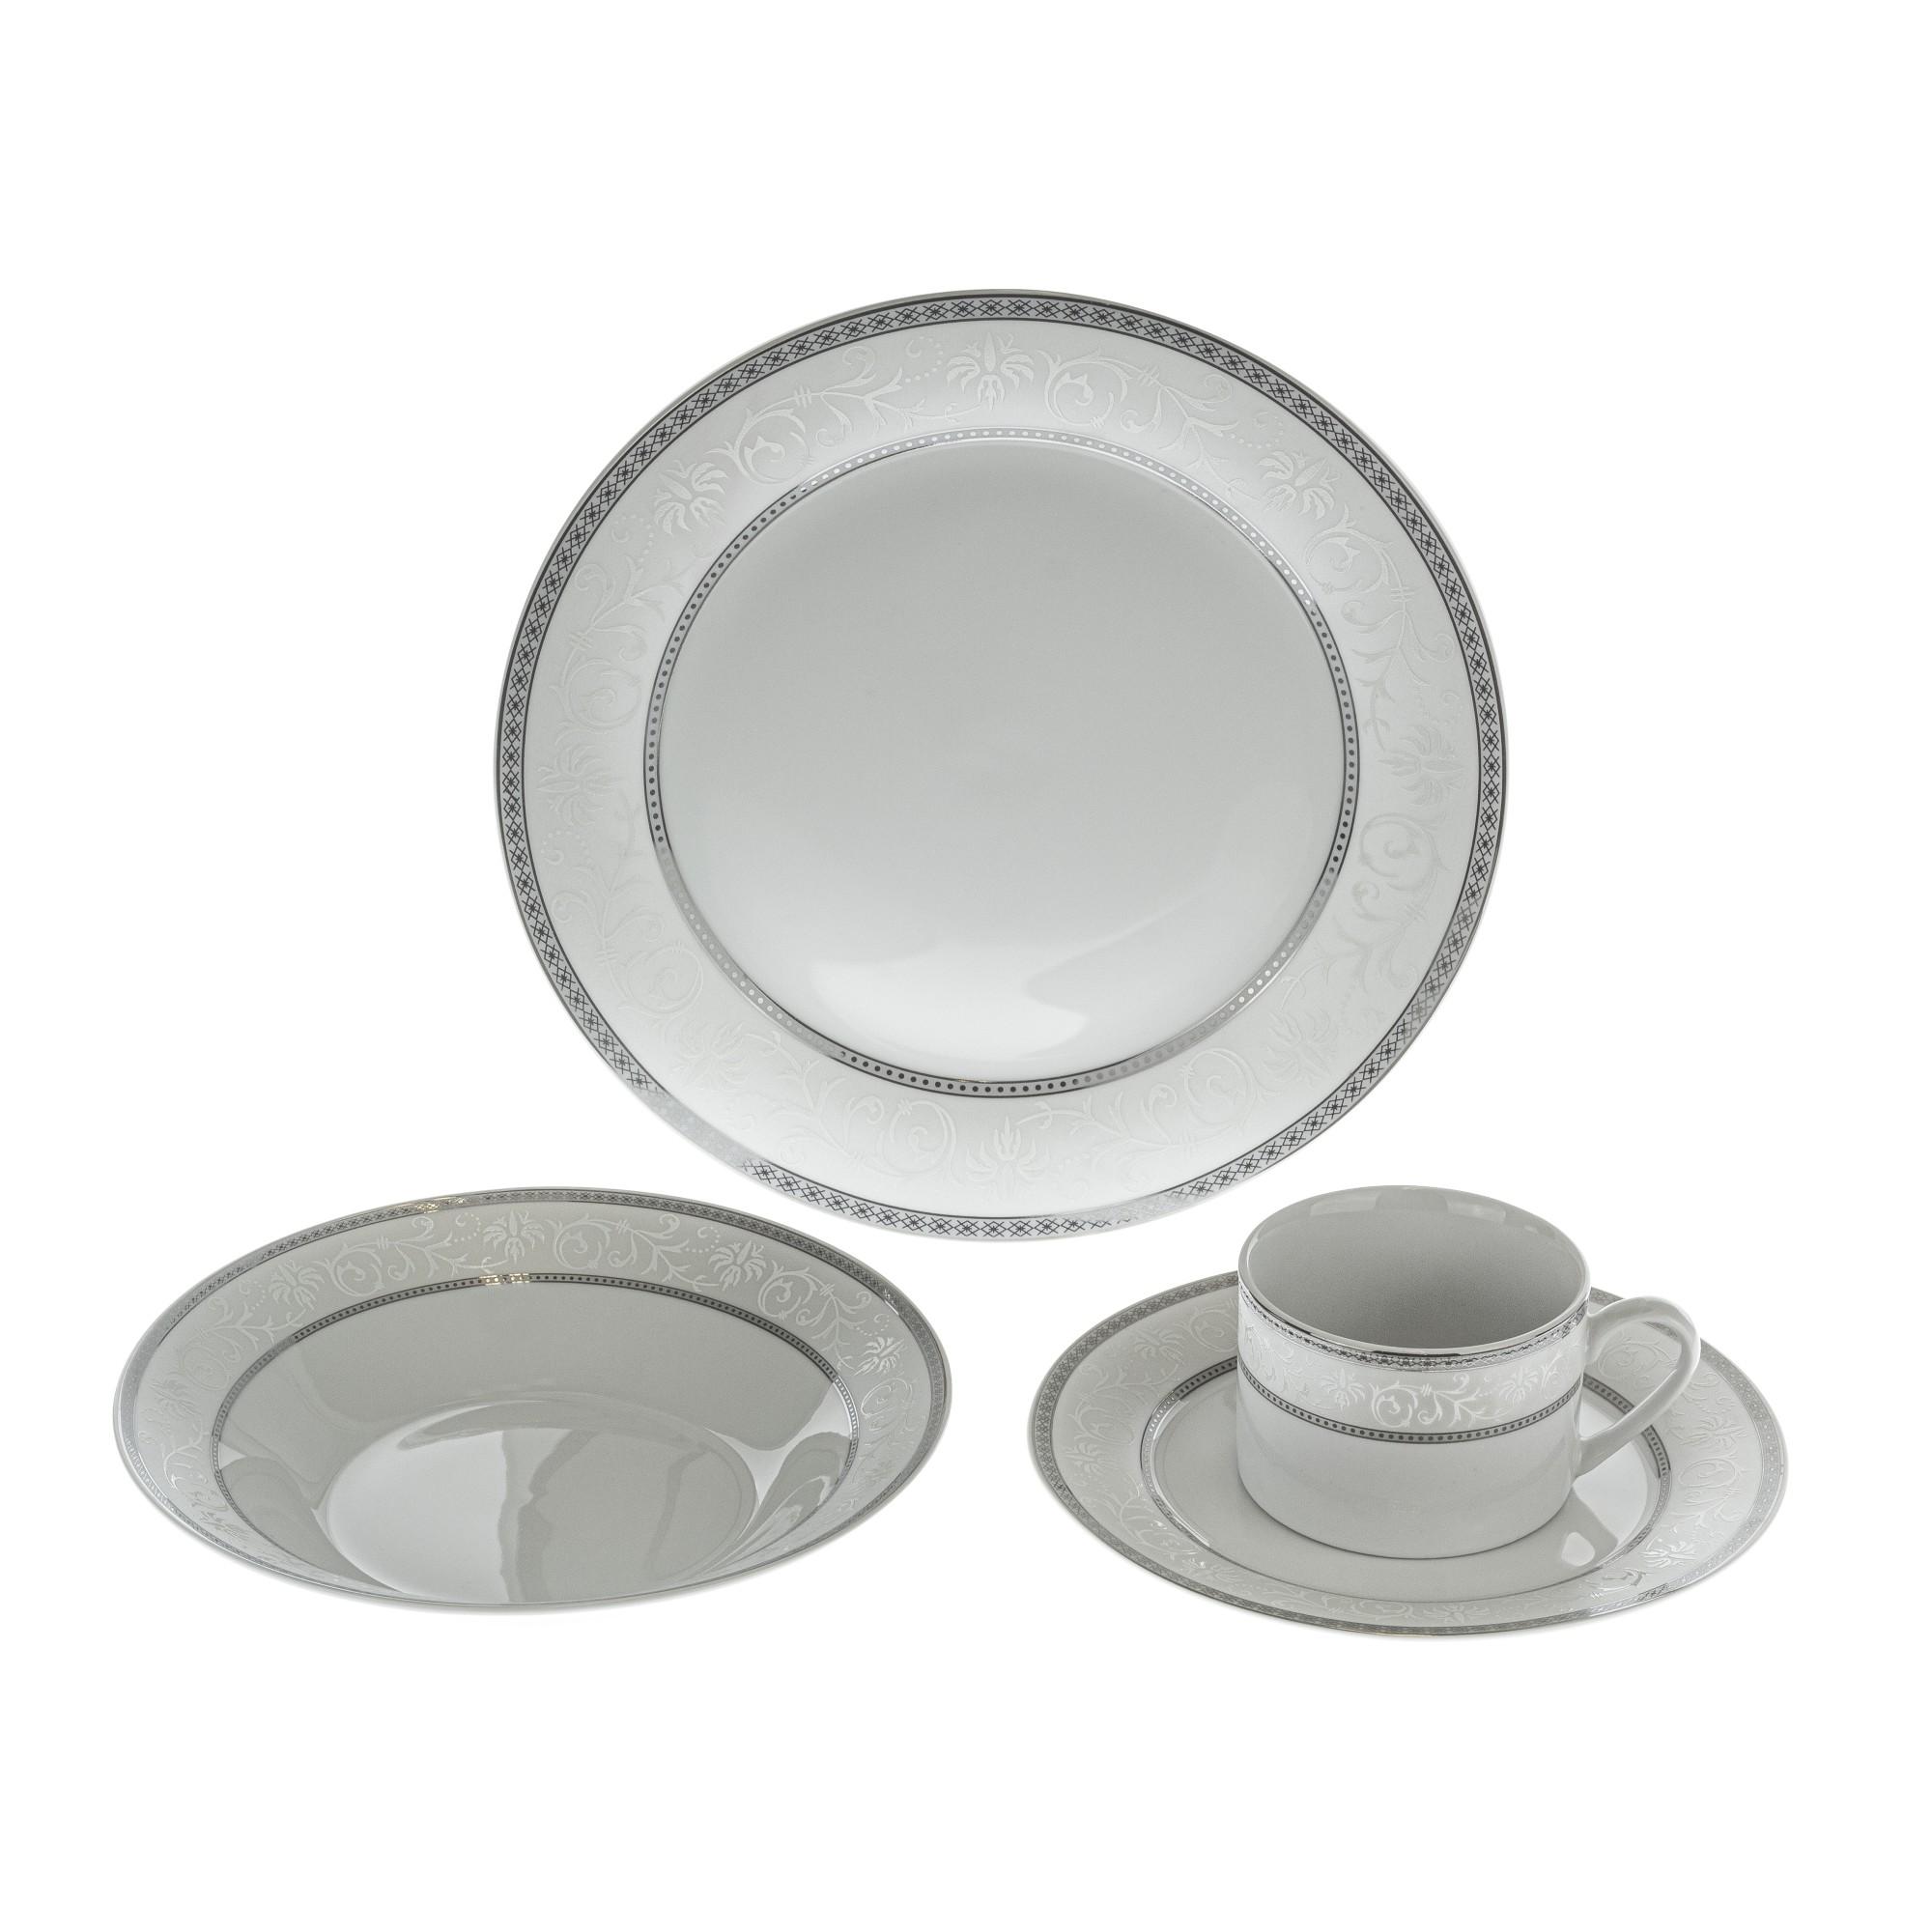 Aparelho de Jantar Porcelana Roma 20 Pecas 4216 - Bianchini